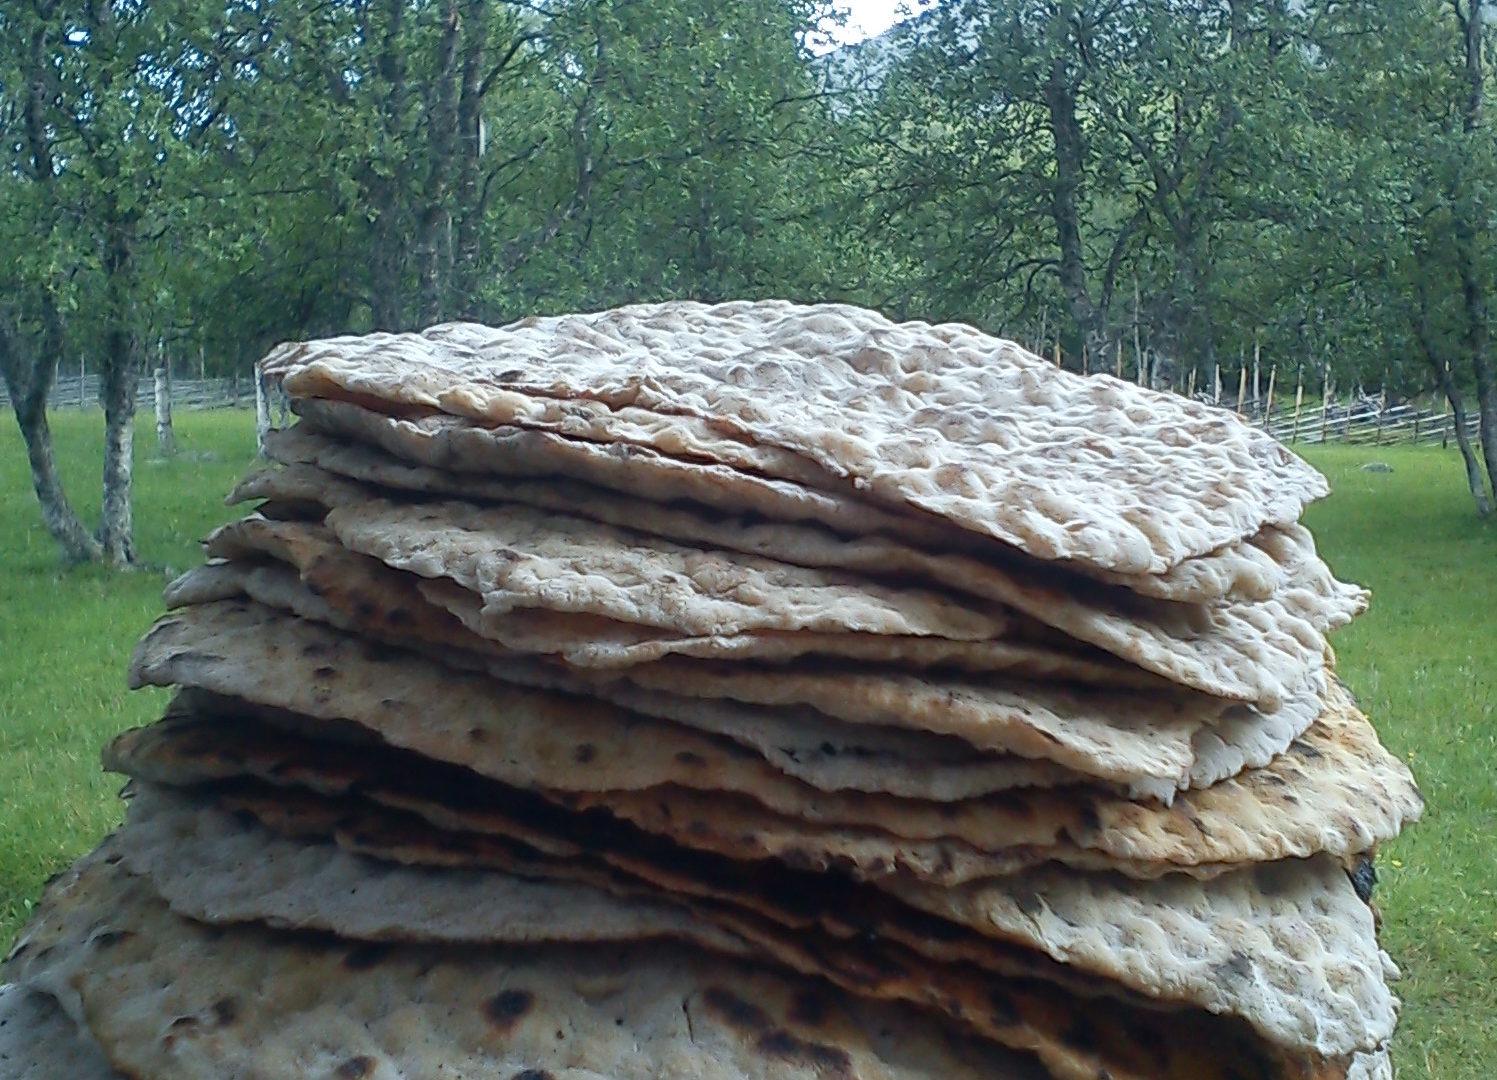 Bake traditional flatbread over open fire, Brot backen vacaciones en Suecia cultura escandinava Familia Amigos viajar autocaravana naturaleza pan plano